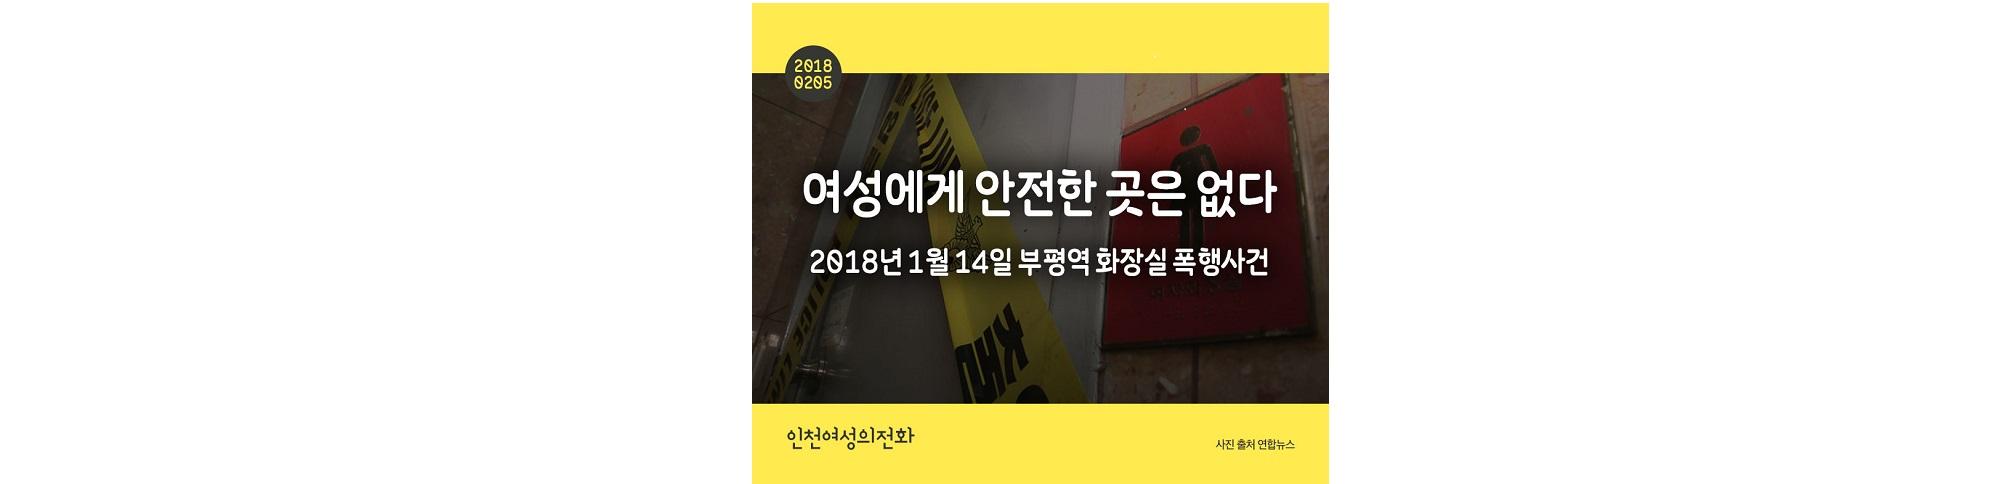 [카드뉴스1호]여성에게 안전한 곳은 없다. 부평역 화장실 폭행사건